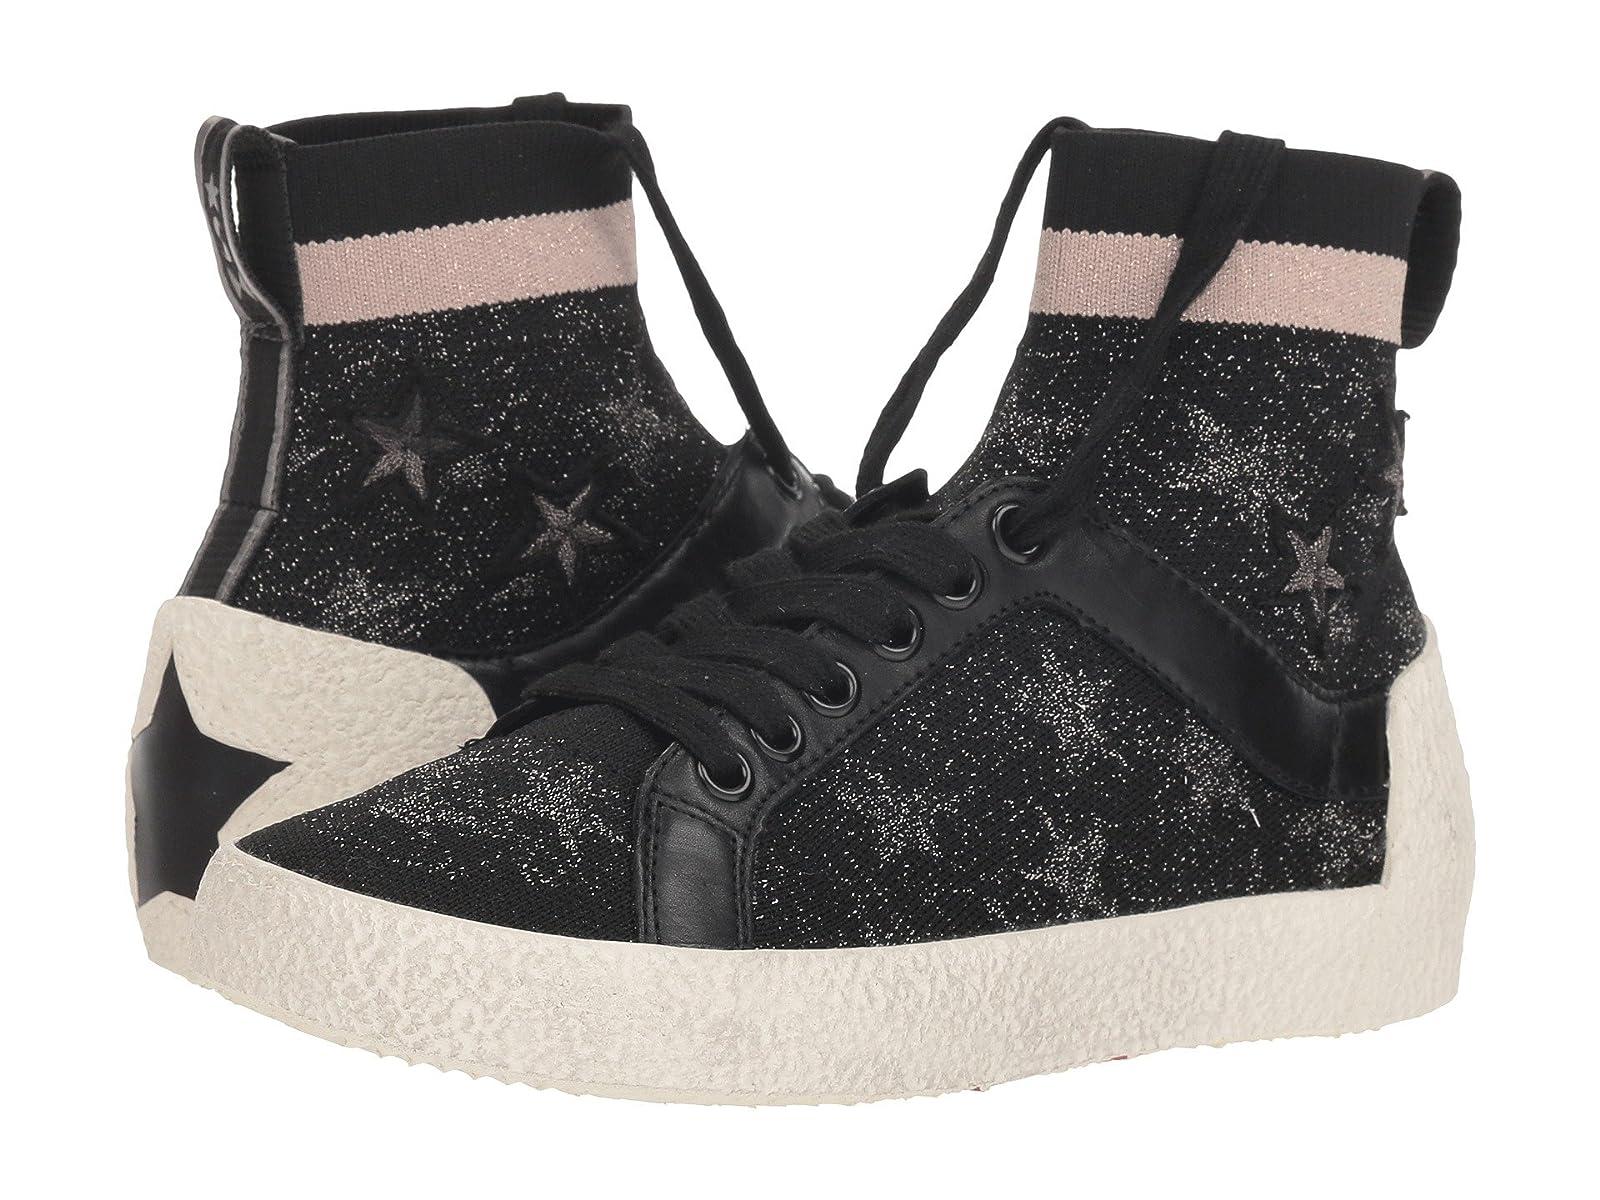 ASH Ninja StarAtmospheric grades have affordable shoes